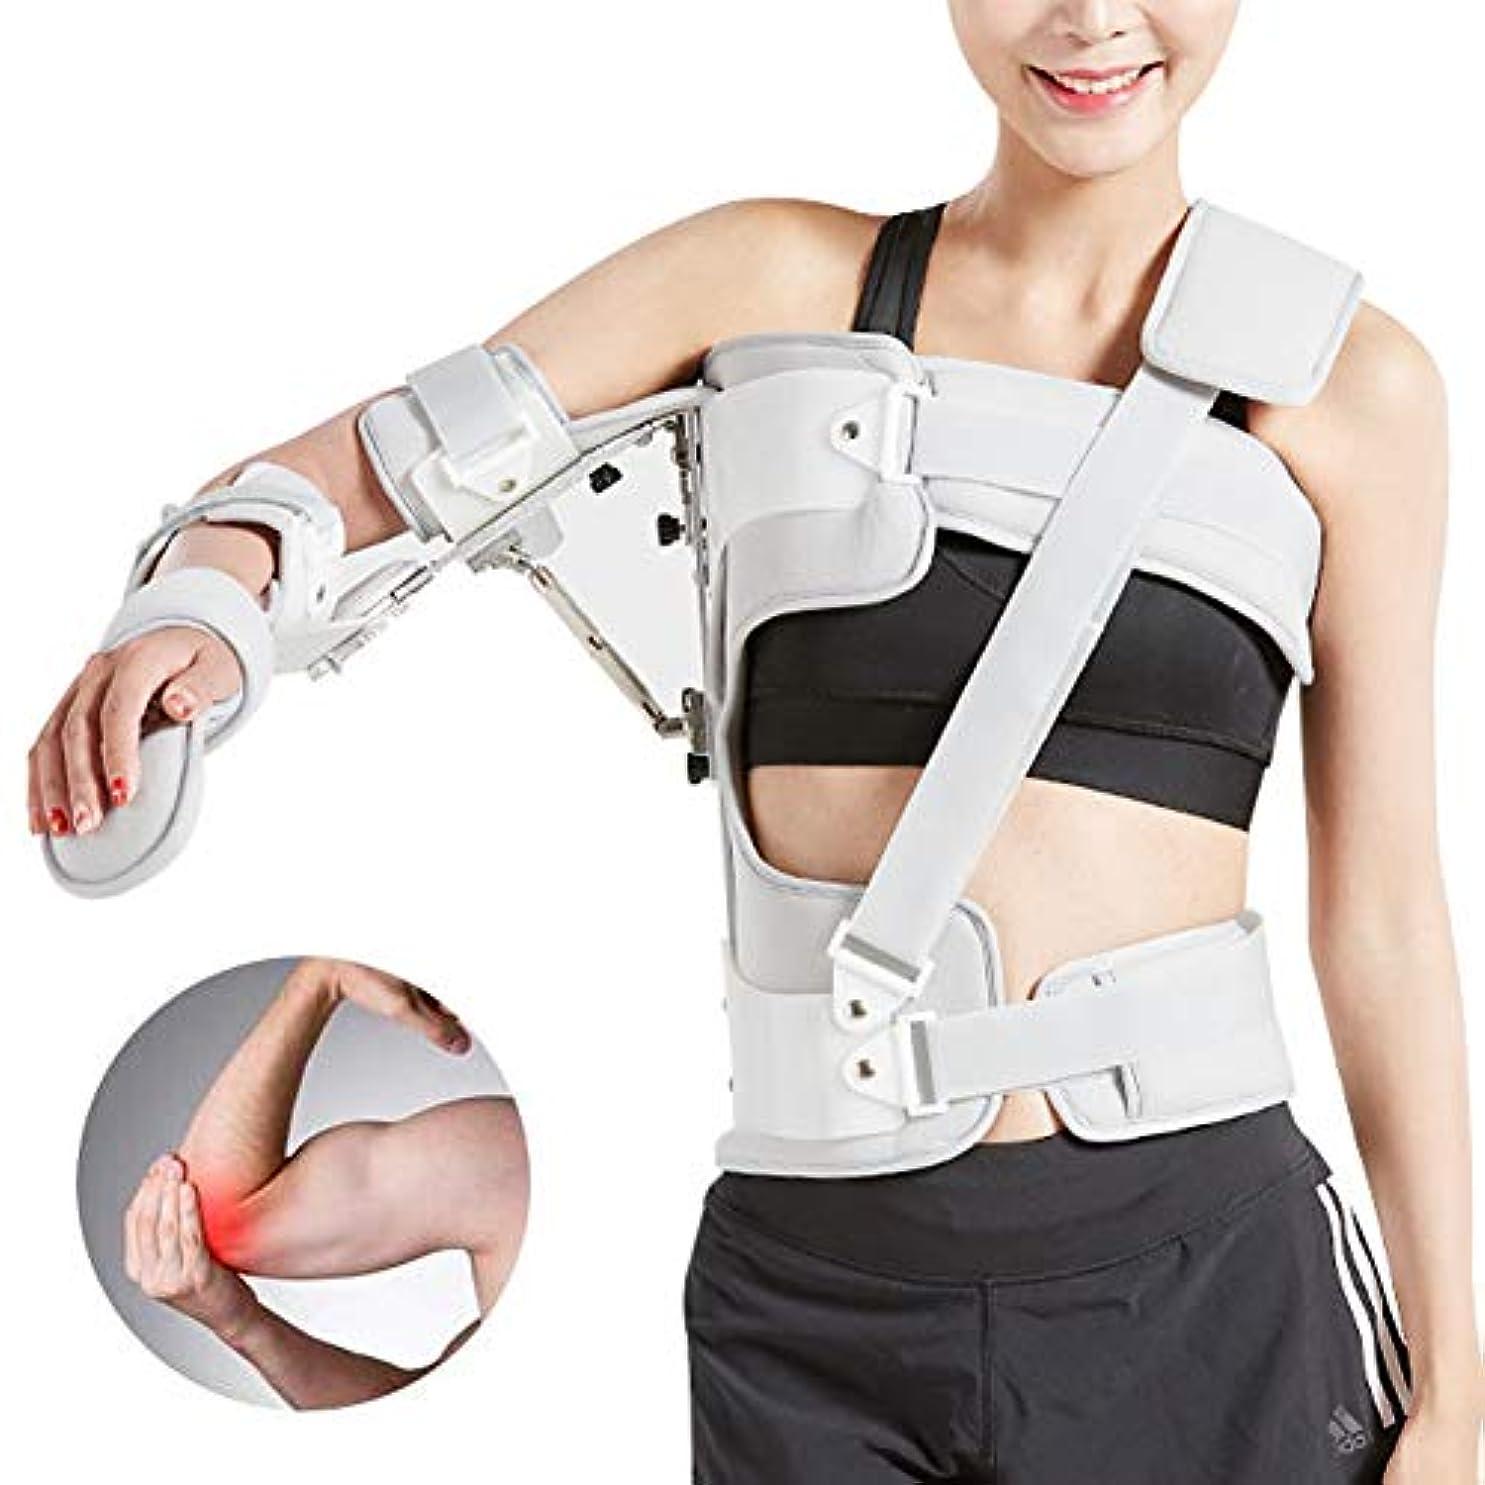 バルブ研究所乳製品調節可能なアームスリング外転枕骨折肘サポートブレース、傷害回復アーム固定、転位回旋腱板滑液包炎腱炎、ワンサイズ - ユニセックス